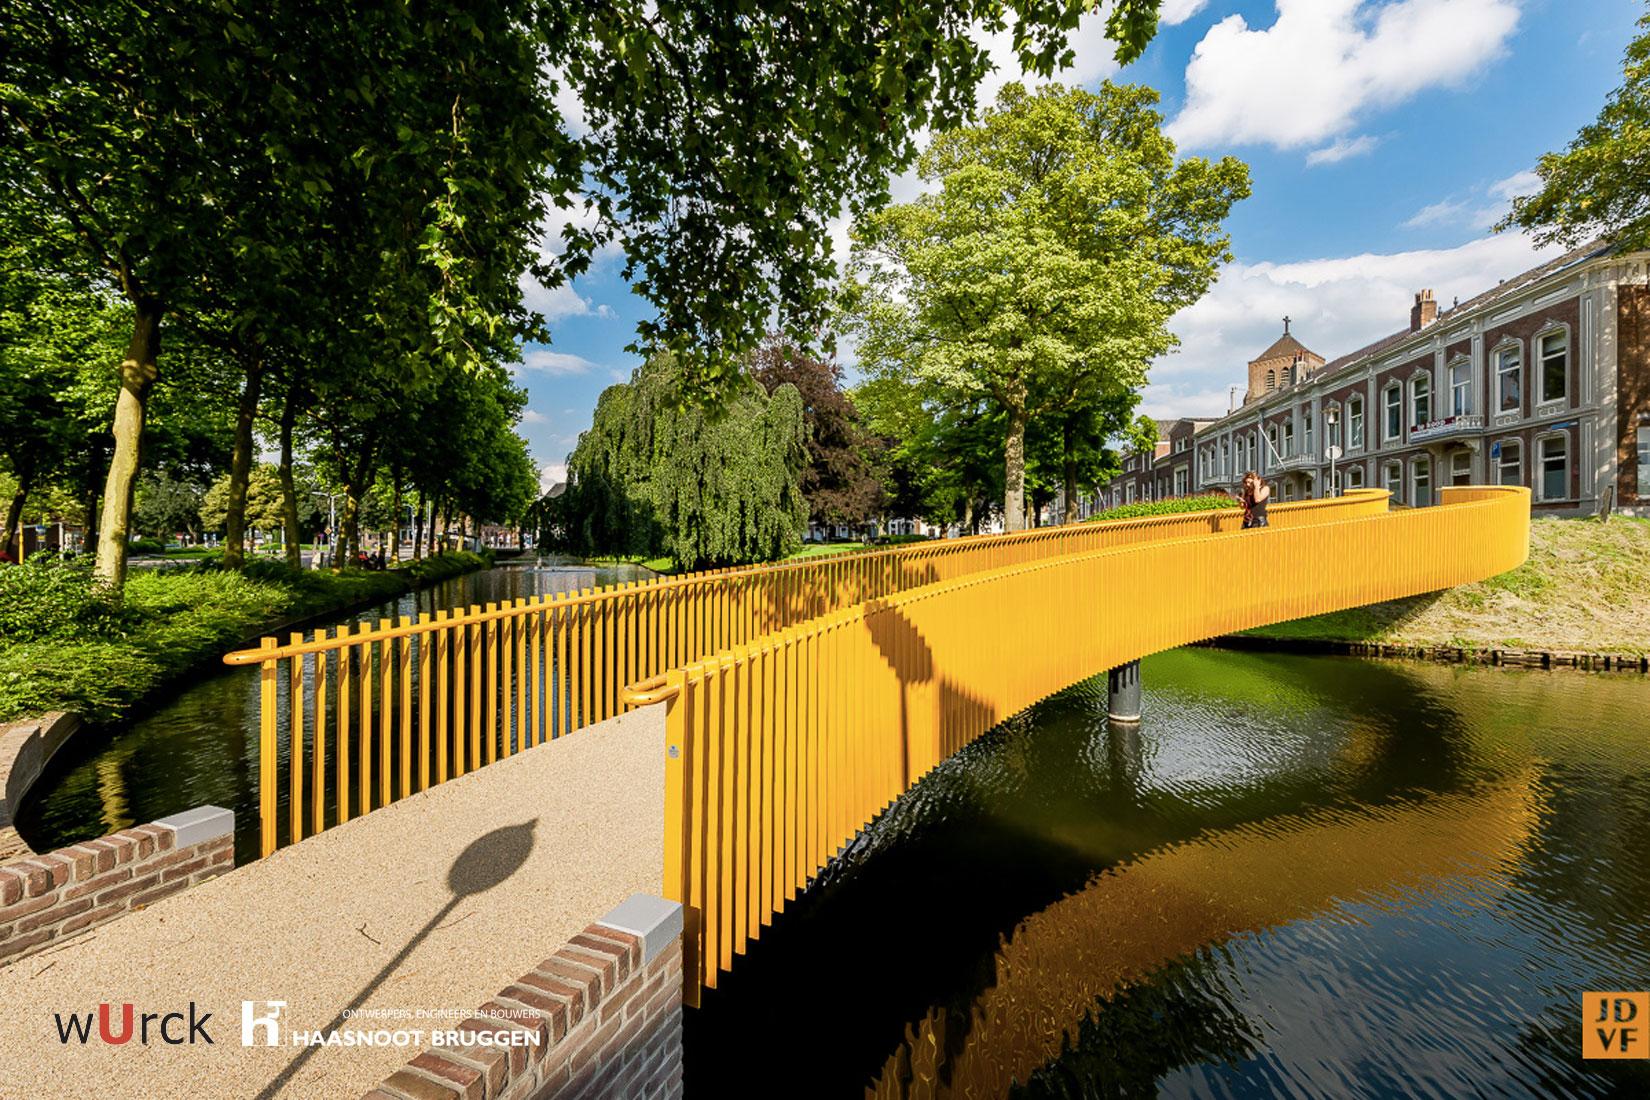 Haasnoot Bruggen levert bijzondere brug in gemeente Tiel. Ontwerp in samenwerking met Wurck.